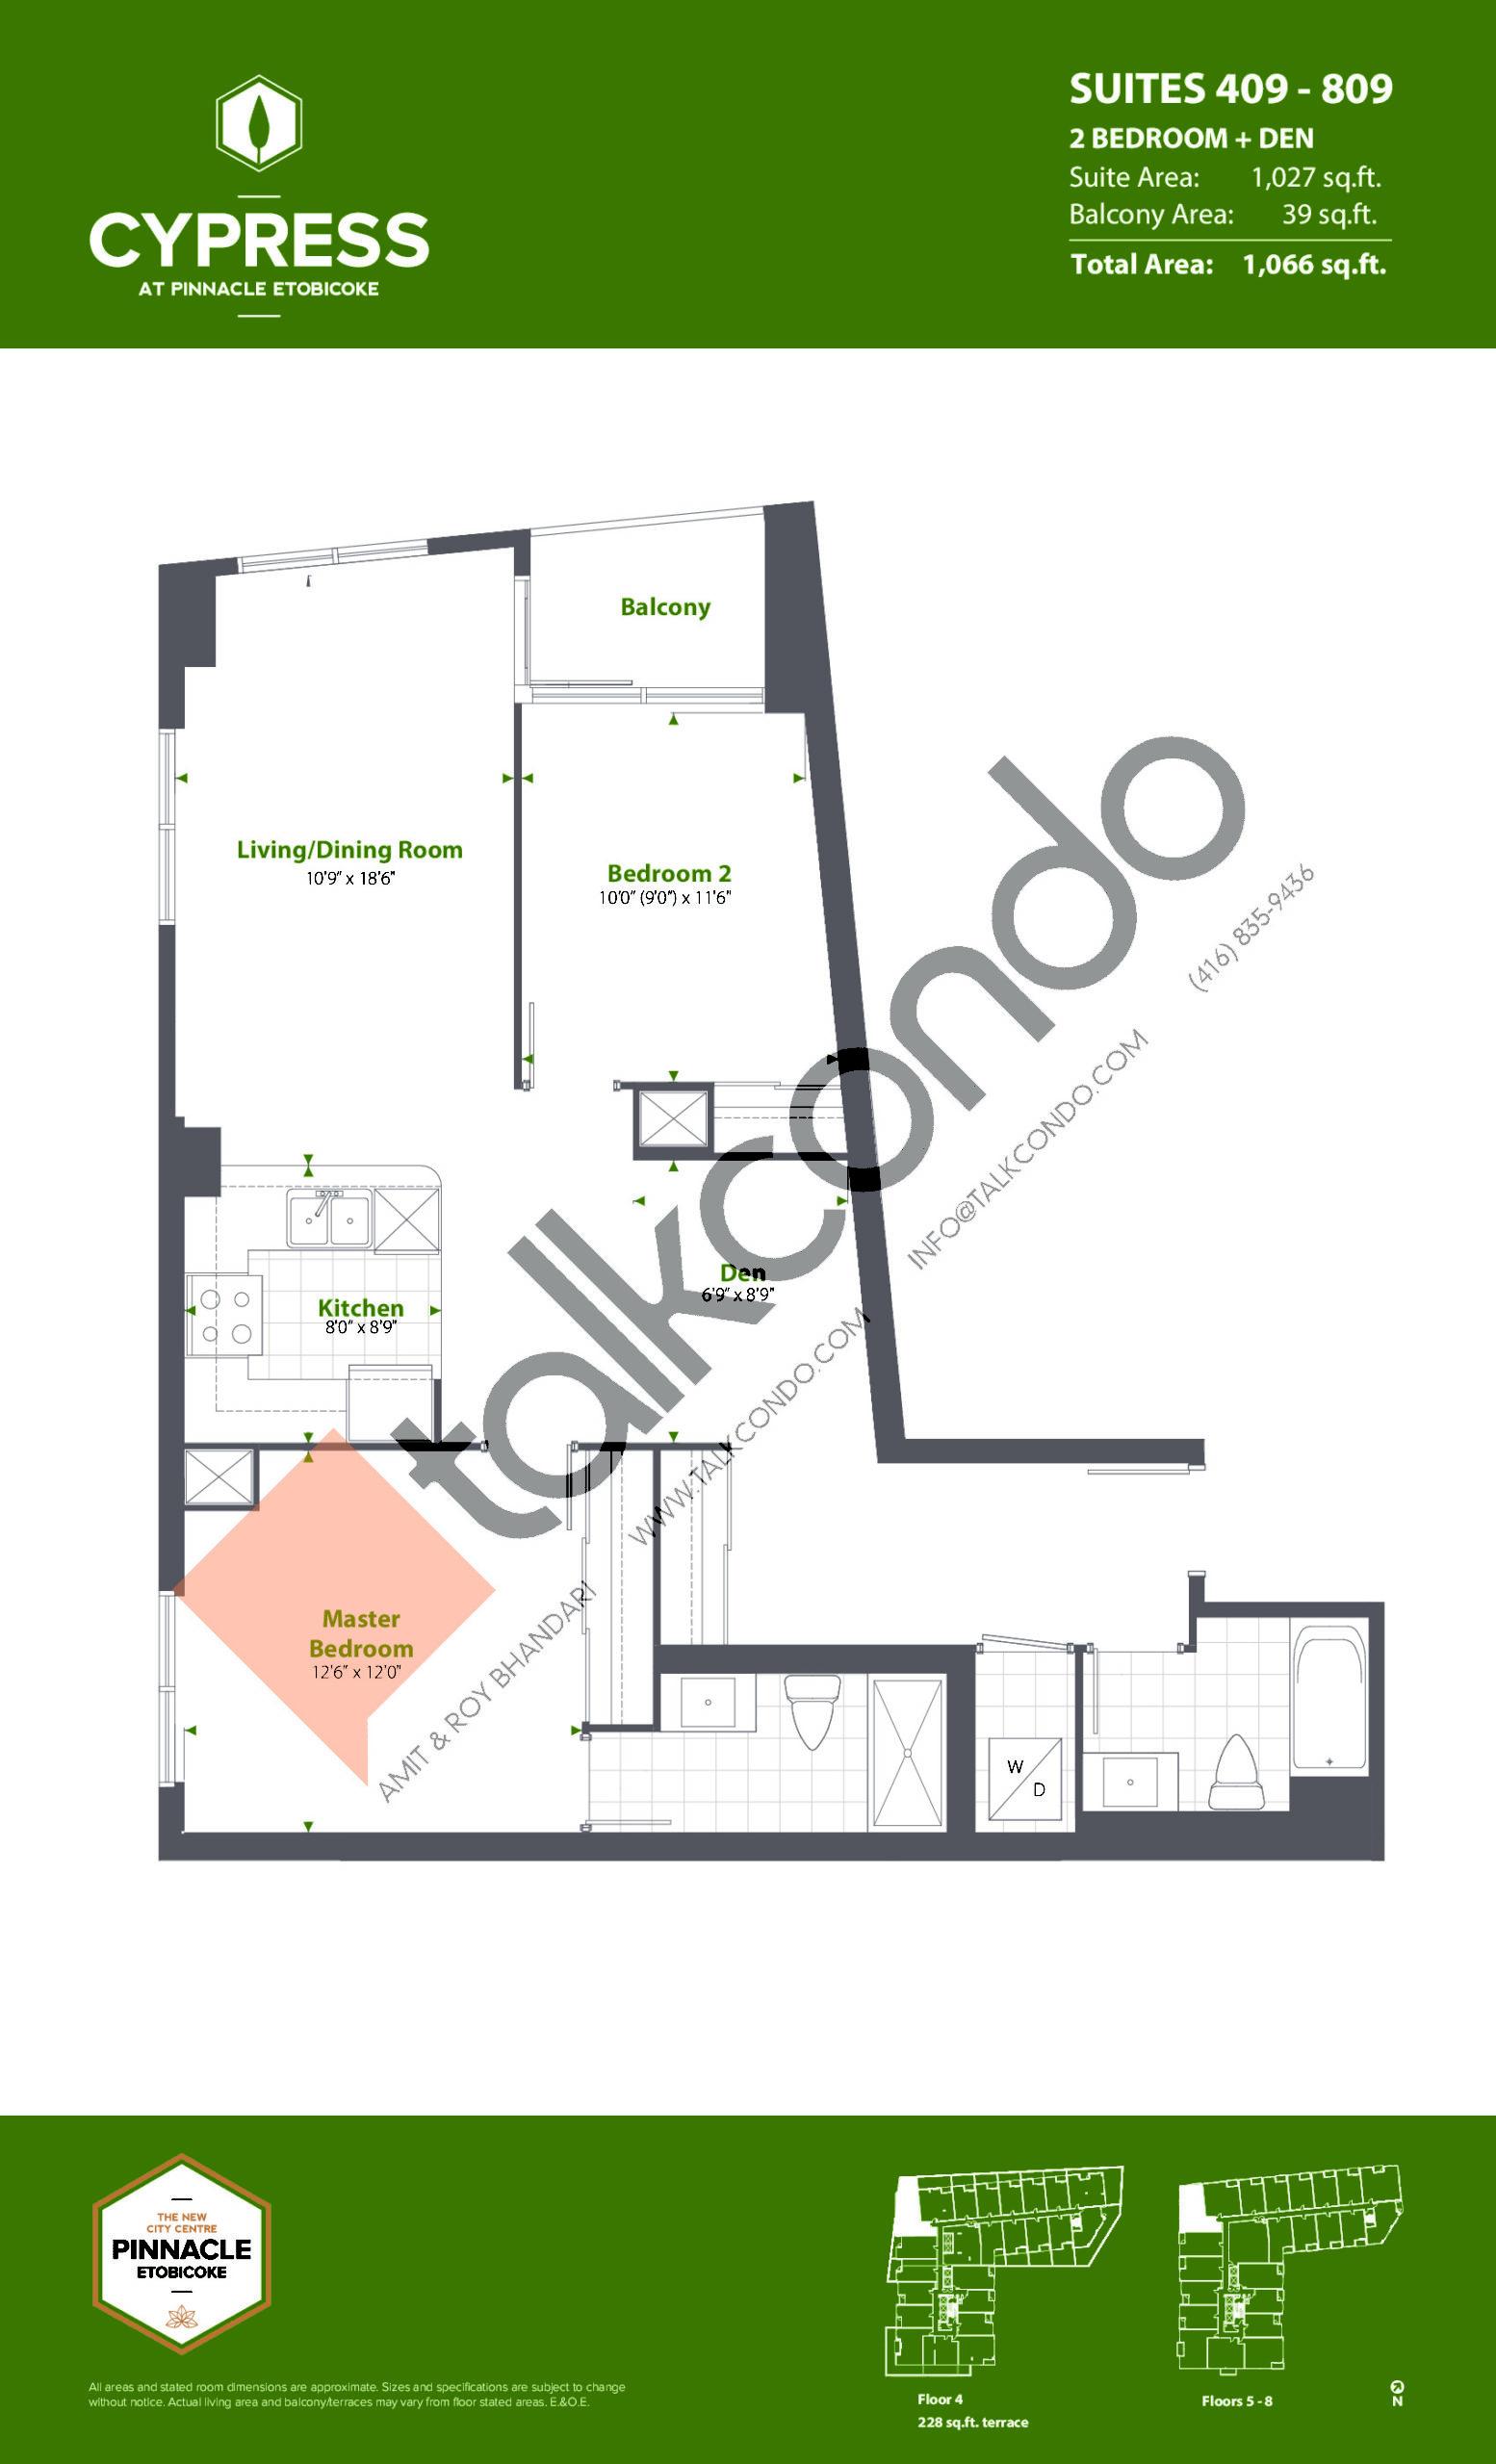 Suites 409 - 809 (Podium) Floor Plan at Cypress at Pinnacle Etobicoke - 1027 sq.ft